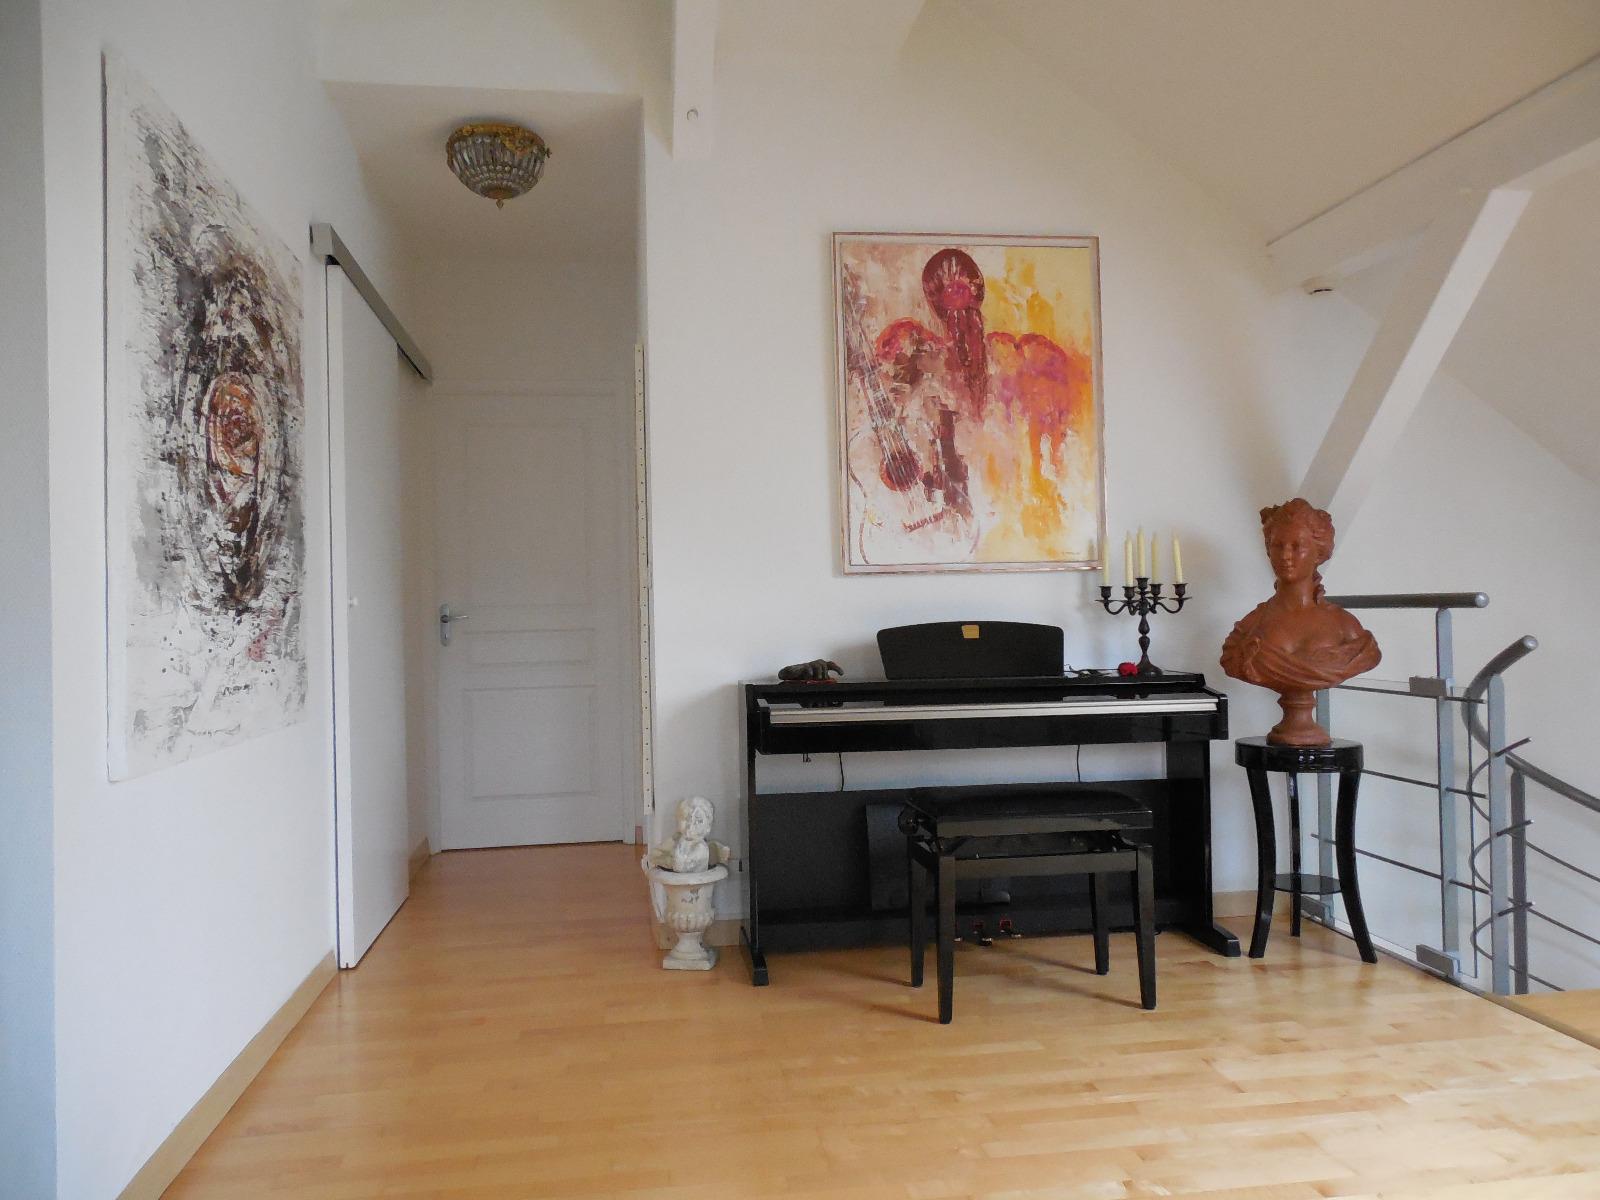 entre thonon et evian vendre appartement duplex t5 situ les pieds dans l 39 eau surface 155 m. Black Bedroom Furniture Sets. Home Design Ideas